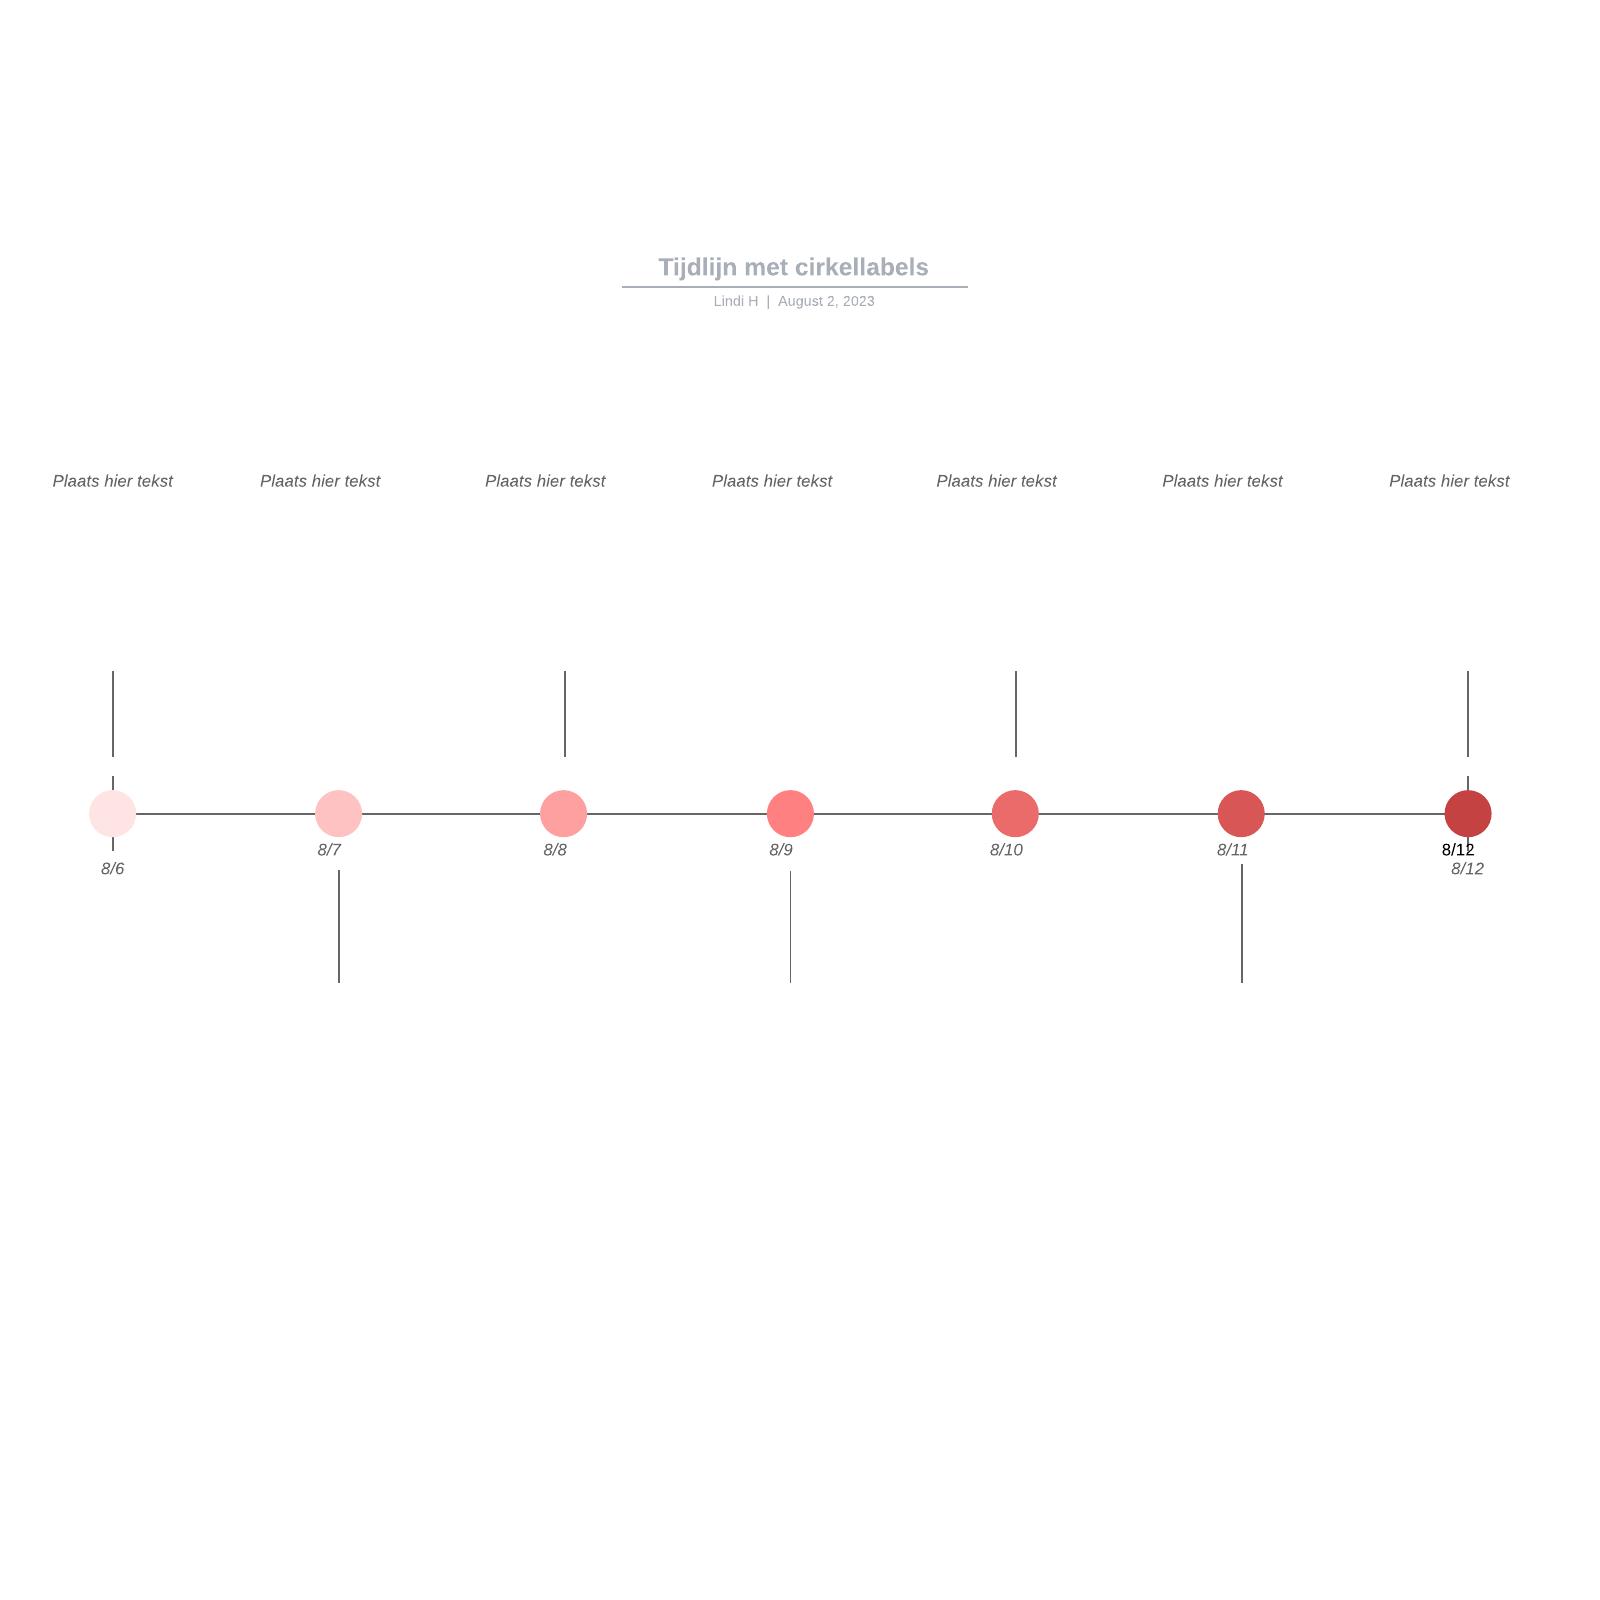 Tijdlijn met cirkellabels